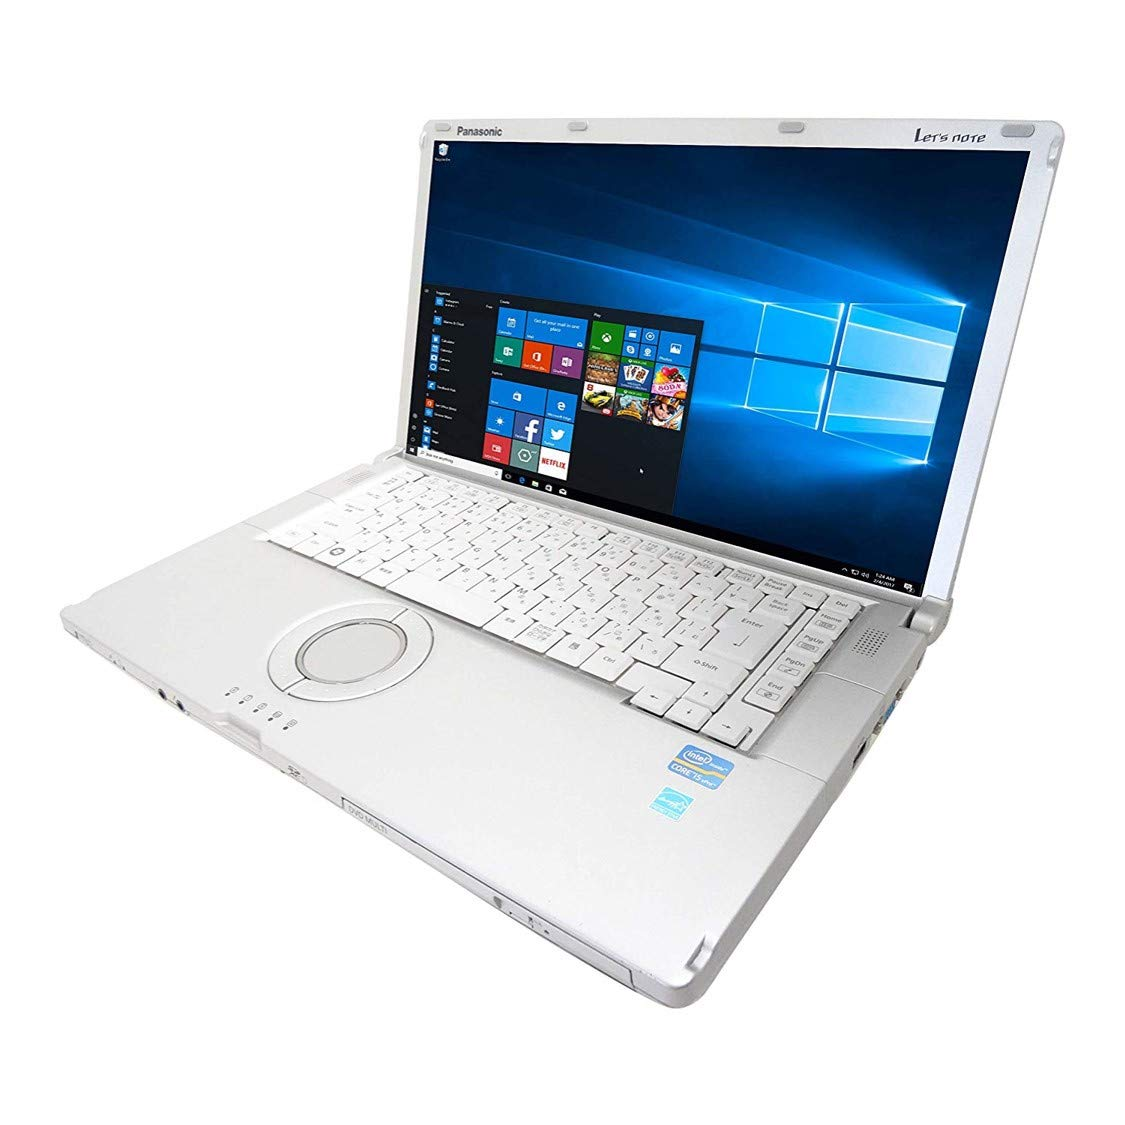 【新品、本物、当店在庫だから安心】 【Microsoft Office i5 2016搭載 (新品SSD:240GB)】【Win 10搭載】Panasonic【Microsoft CF-B10/次世代Core i5 2.5GHz/超大容量メモリ:8GB/新品SSD:240GB/DVDスーパーマルチ/15インチワイドフルHD TFTカラー液晶/無線搭載/HDMI/中古ノートパソコン (新品SSD:240GB) B07GT1MNBP HDD:320GB HDD:320GB, 日野郡:e403dd53 --- arbimovel.dominiotemporario.com